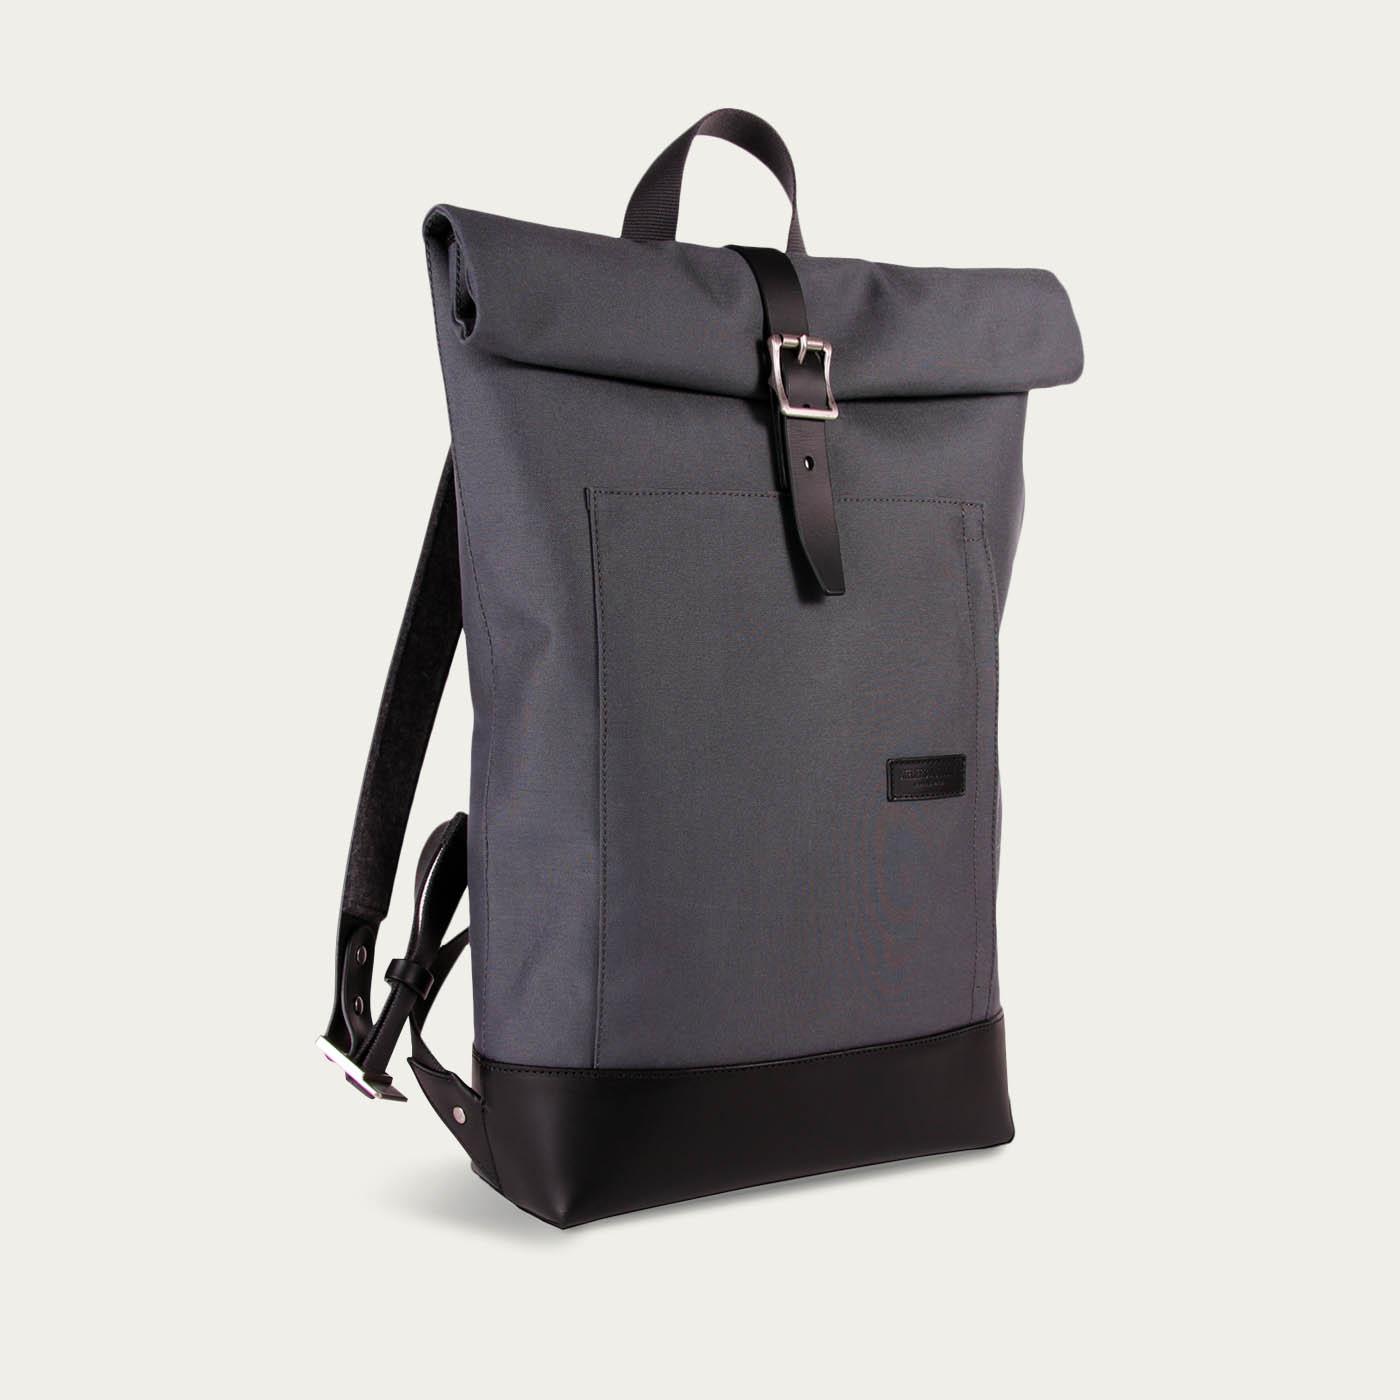 4db18c709e Ateliers Auguste | Navy Cordura / Black Leather Belleville Messenger Bag |  Bombinate